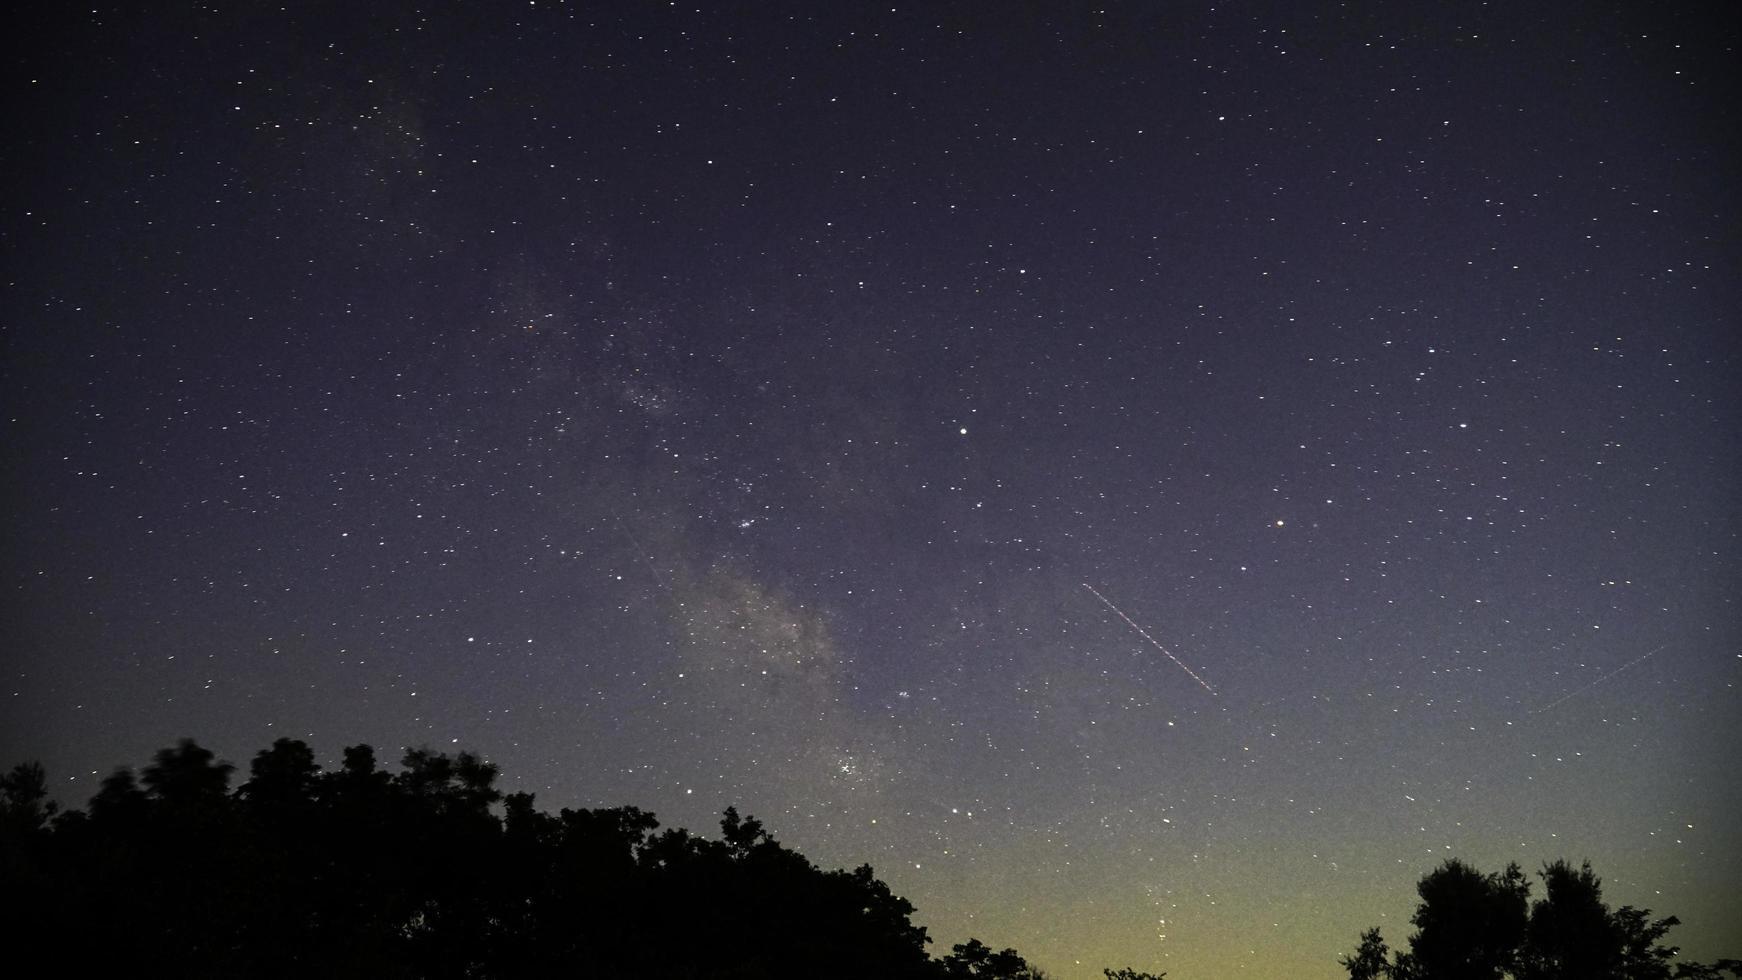 silhouette d'arbres pendant la nuit avec des étoiles photo